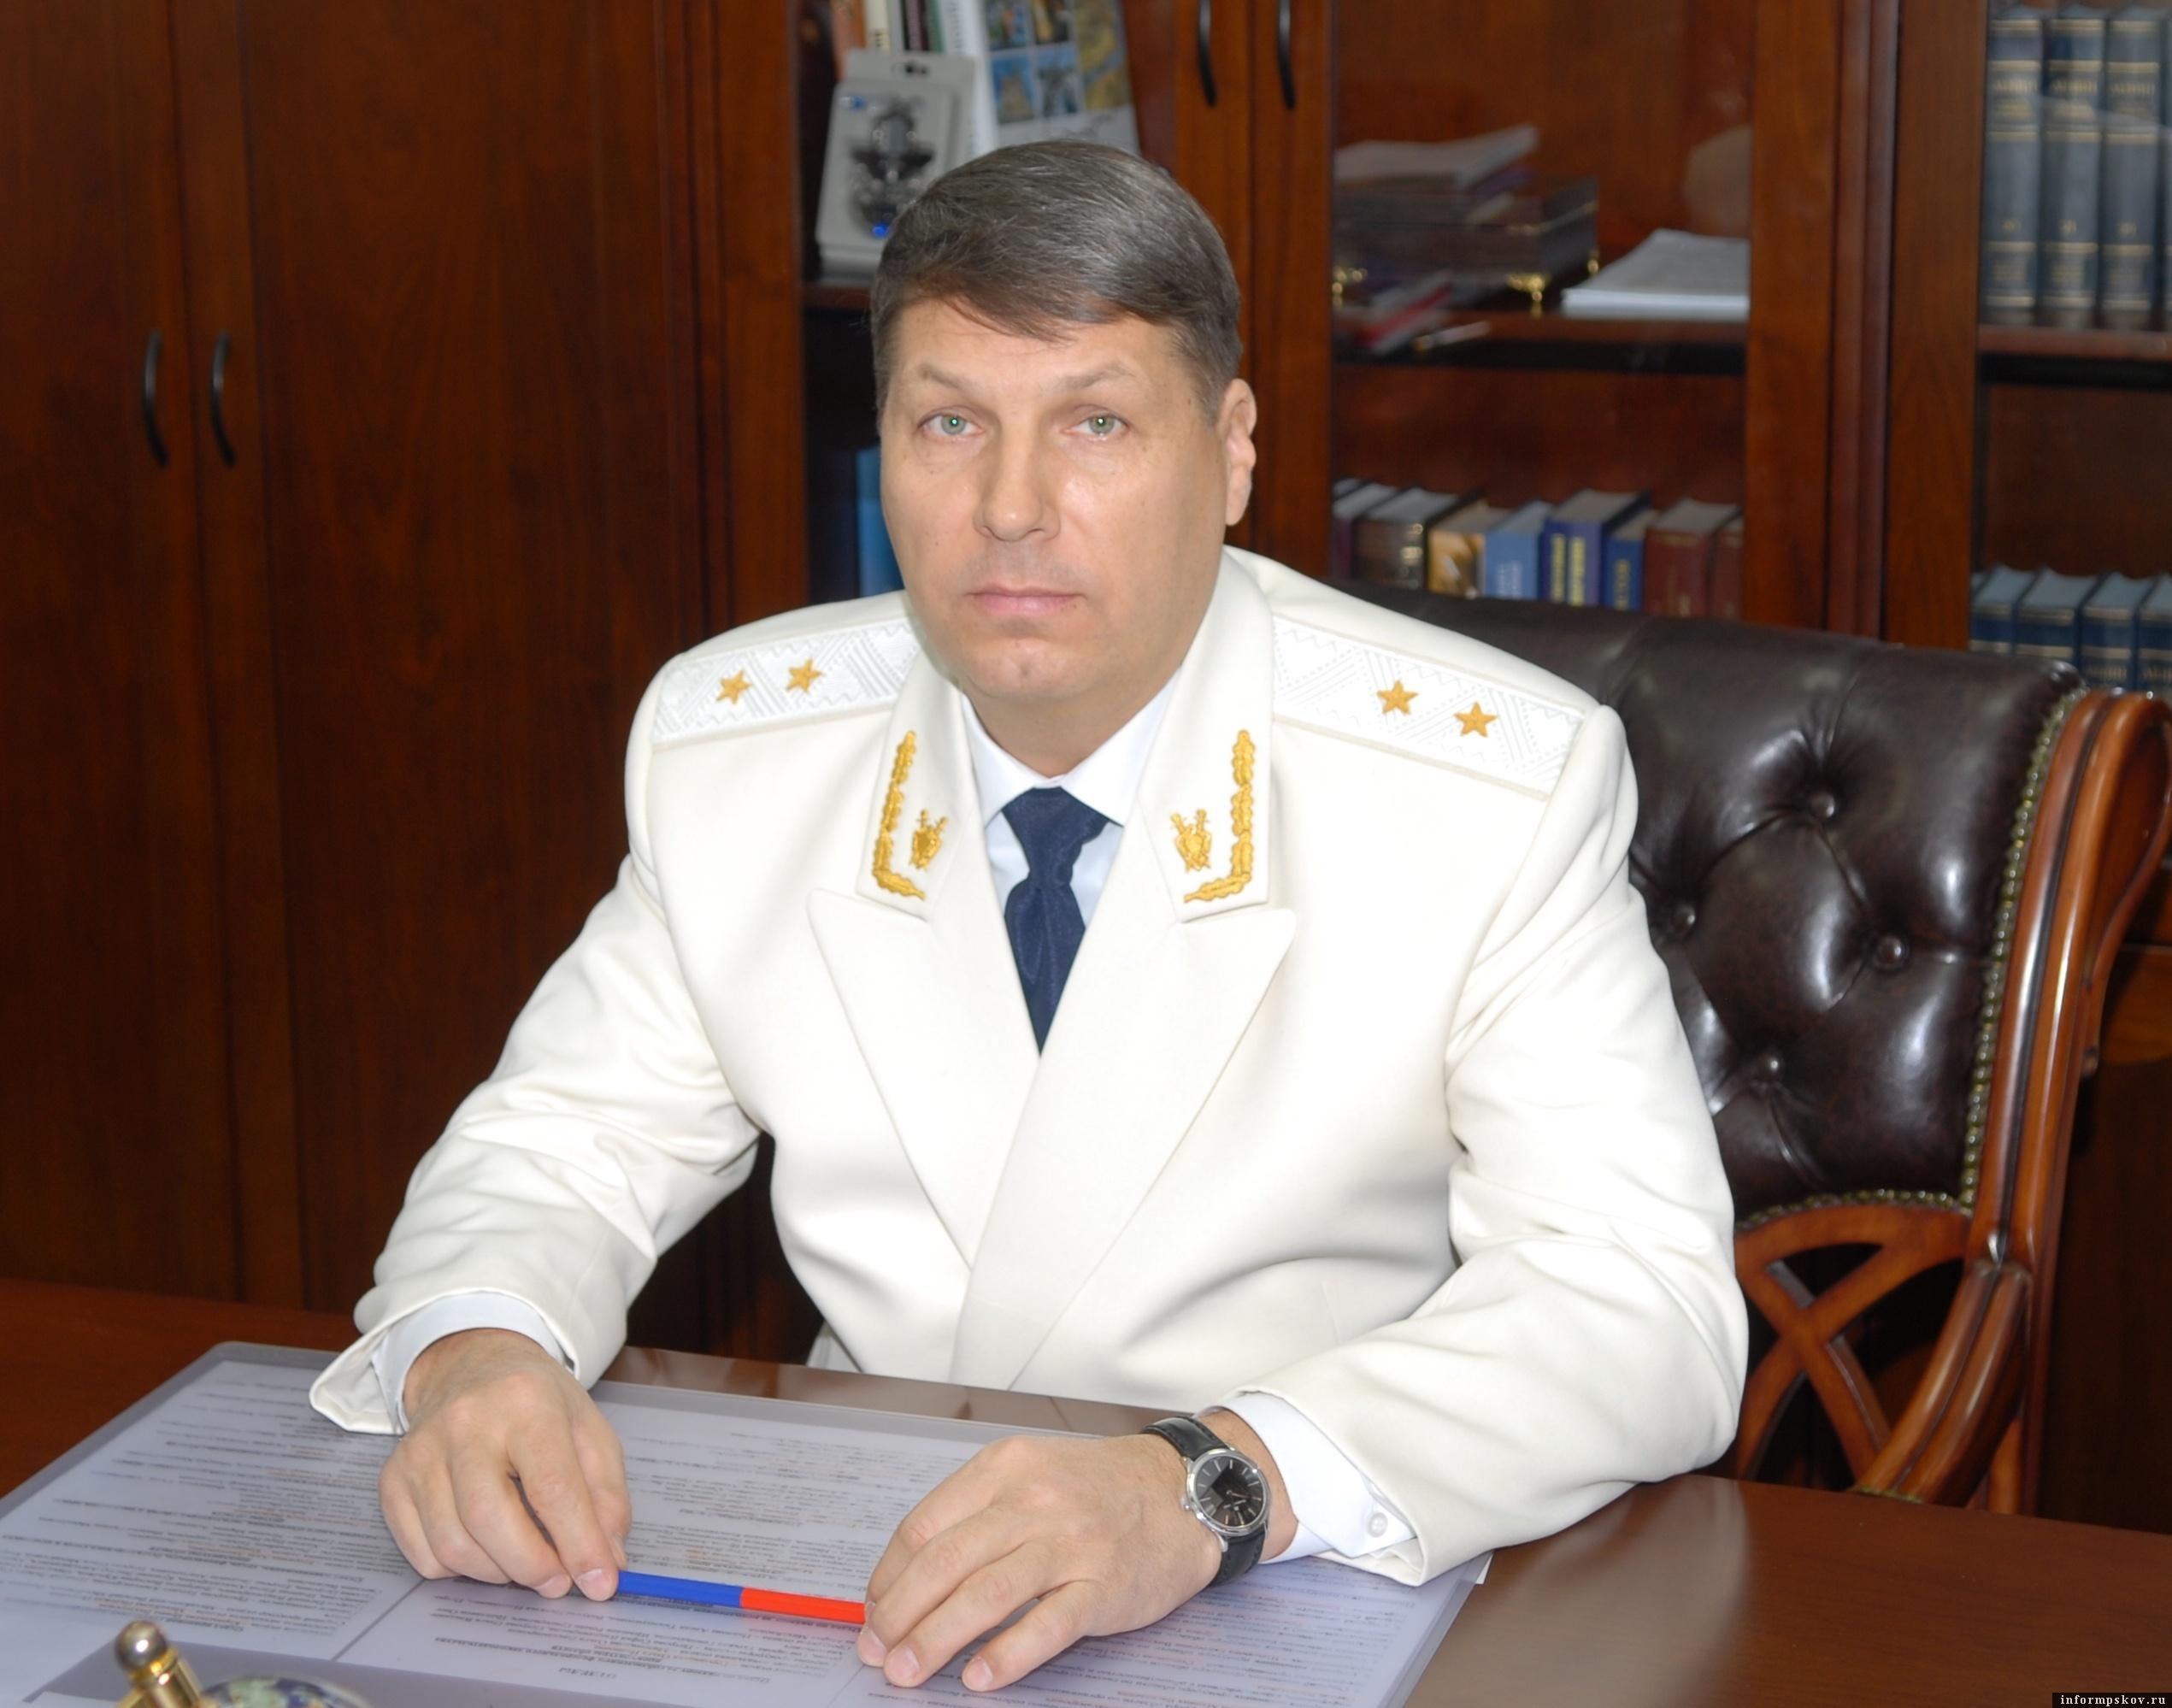 Сергей Белов. Фото пресс-службы прокуратуры Псковской области